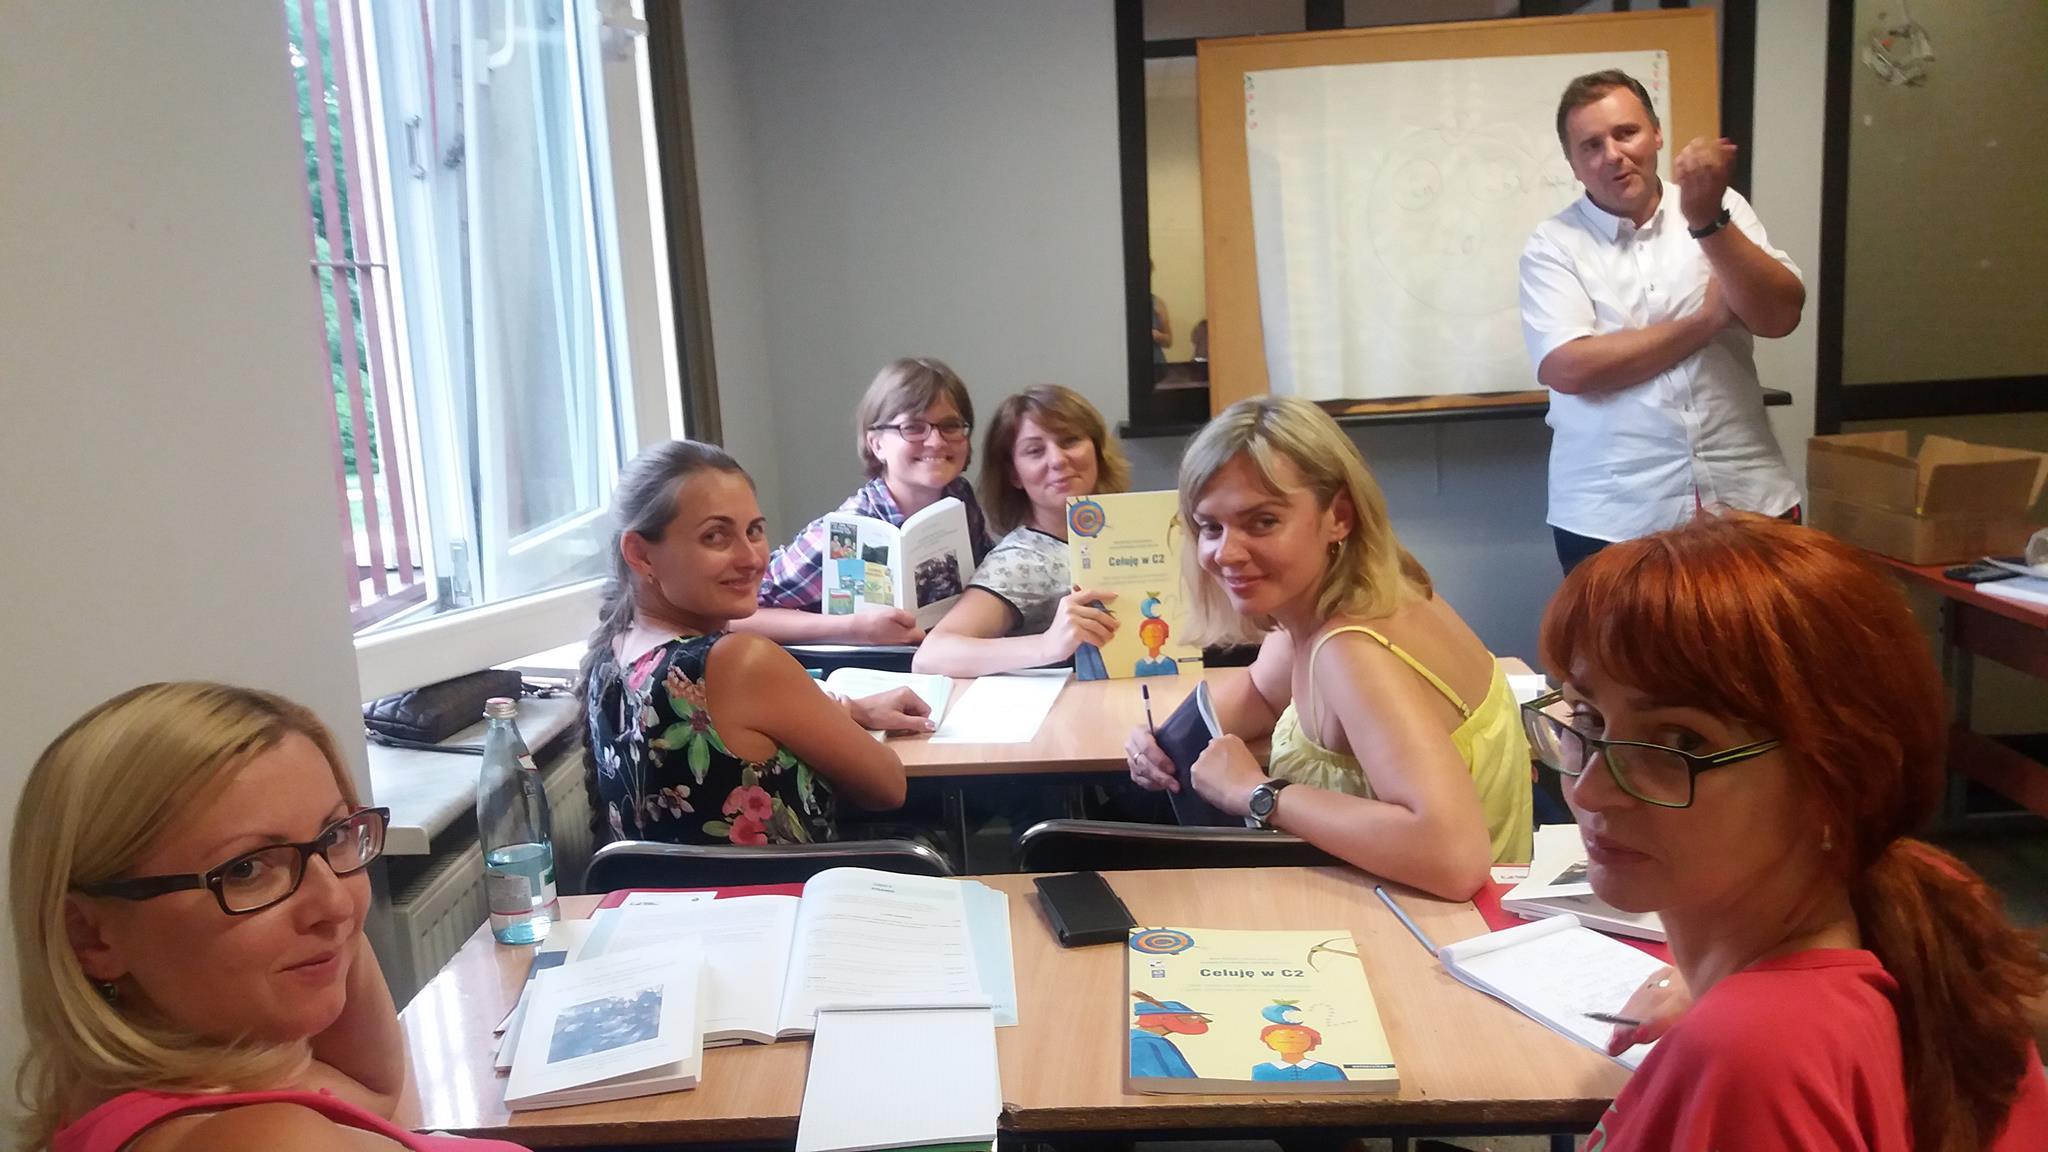 Nowy kurs przygotowujący do egzaminu certyfikatowego z języka polskiego